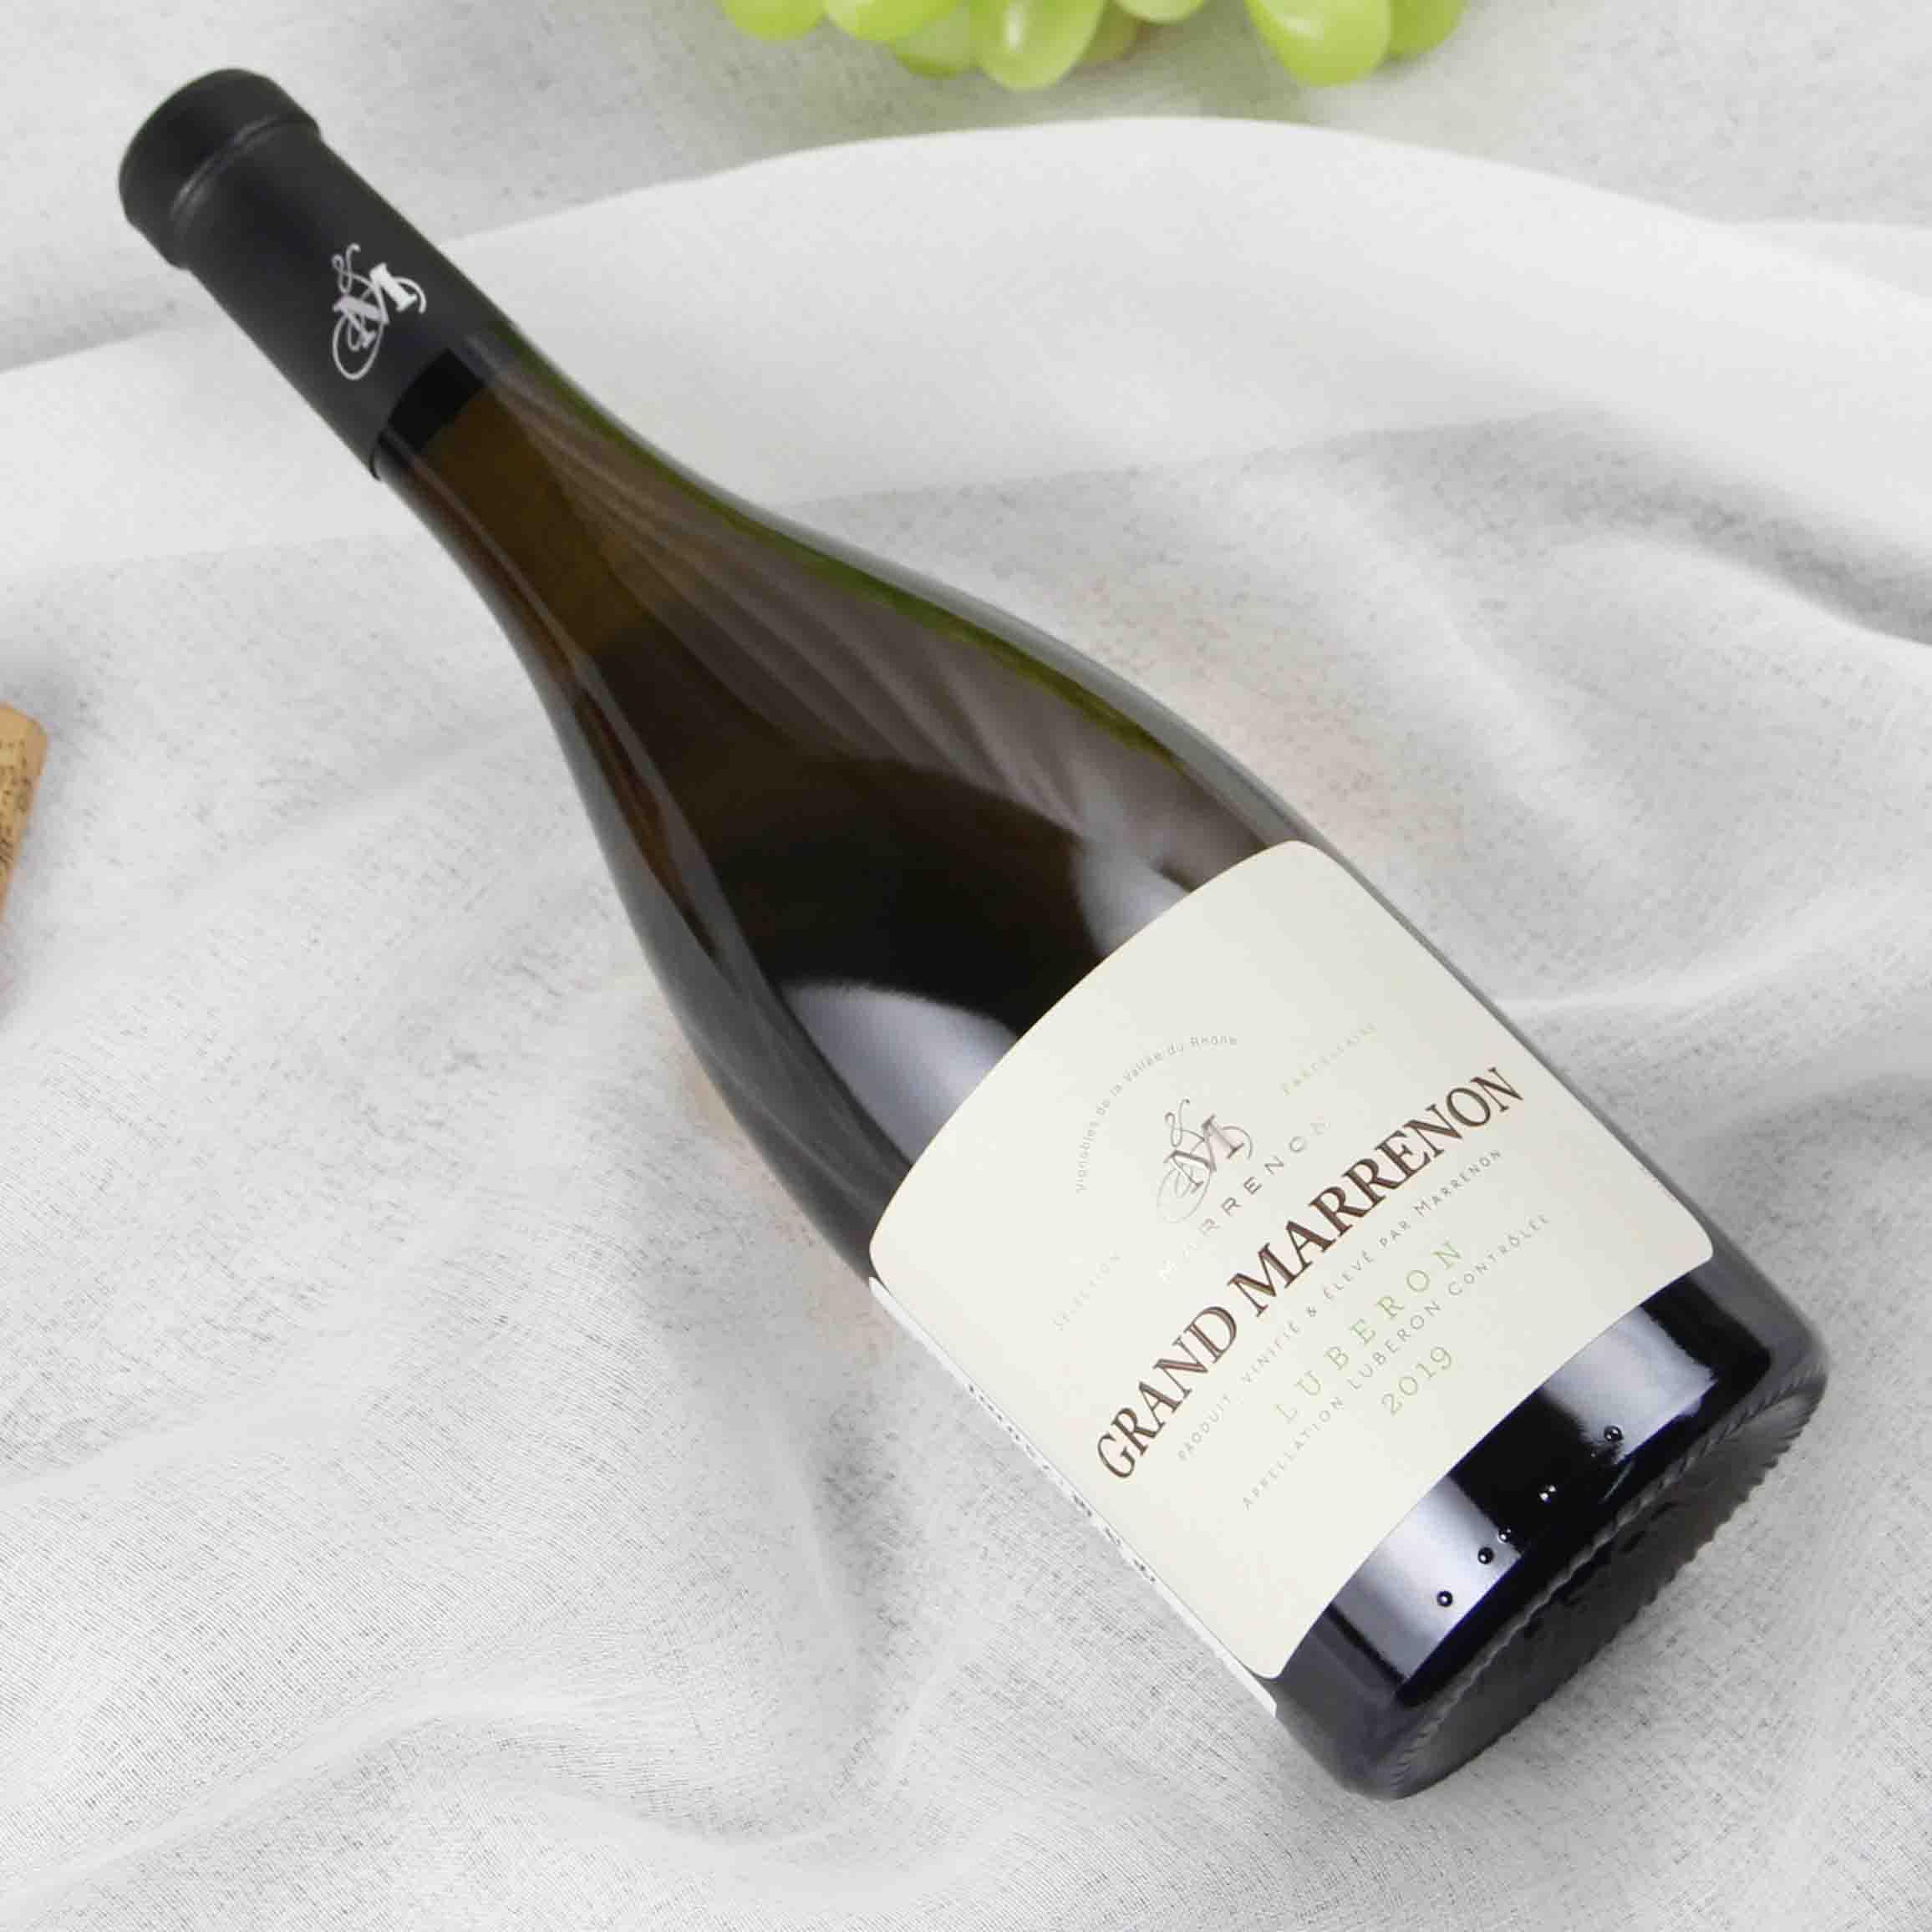 法国罗纳河谷大马赫农吕贝荣干白葡萄酒